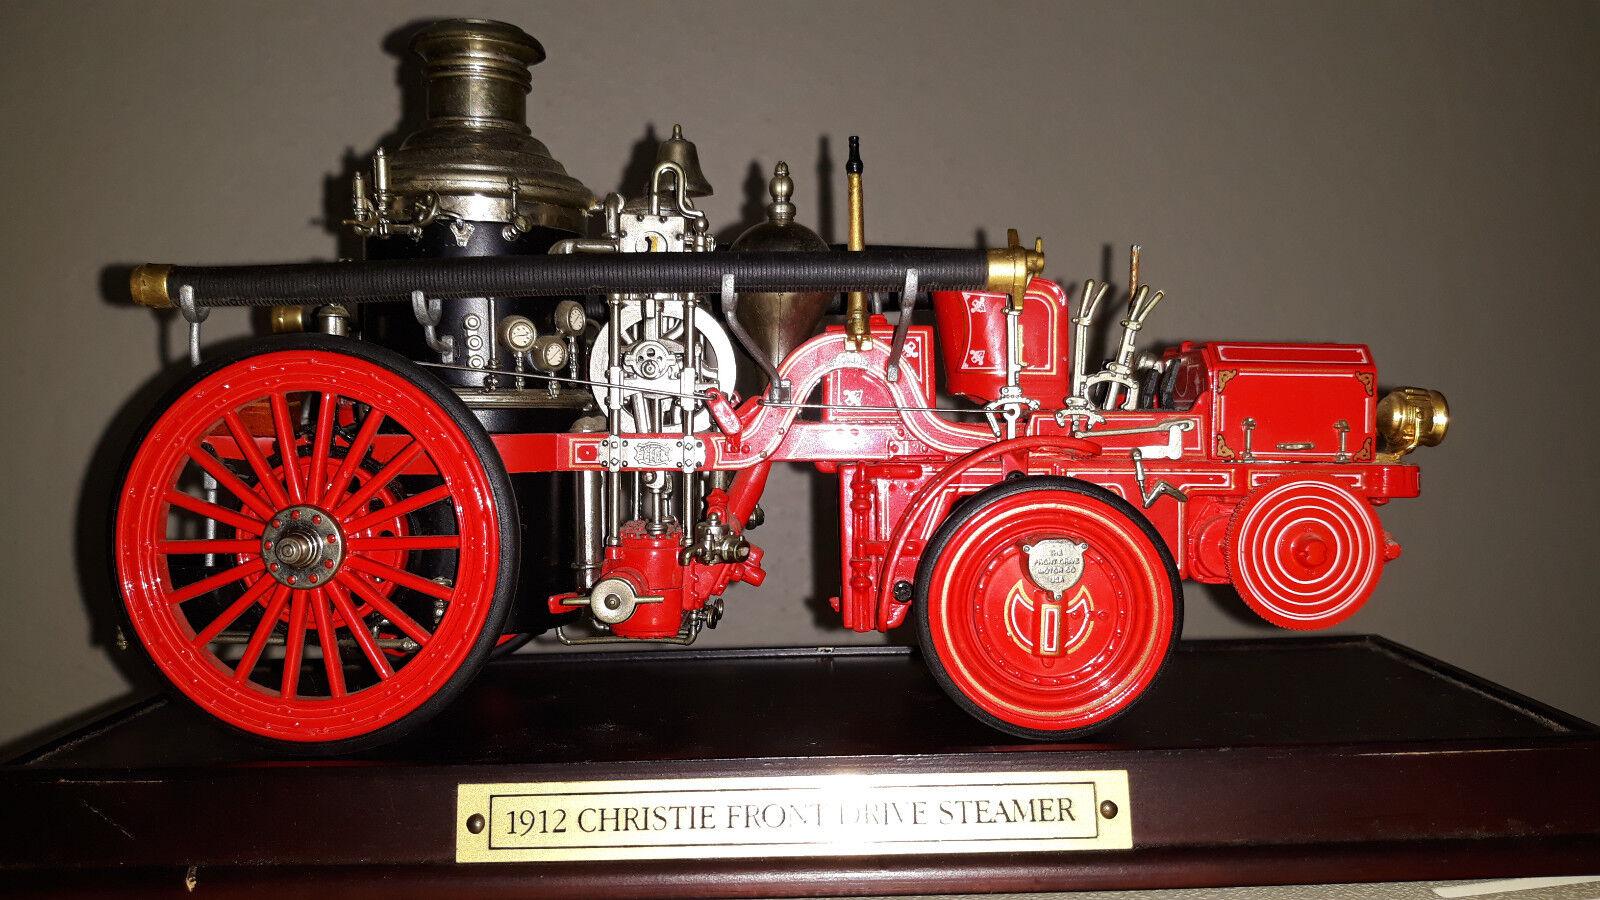 Voiture de pompiers Christie Front Drive Steamer - 1912 - 1 24 - Superbe repro -